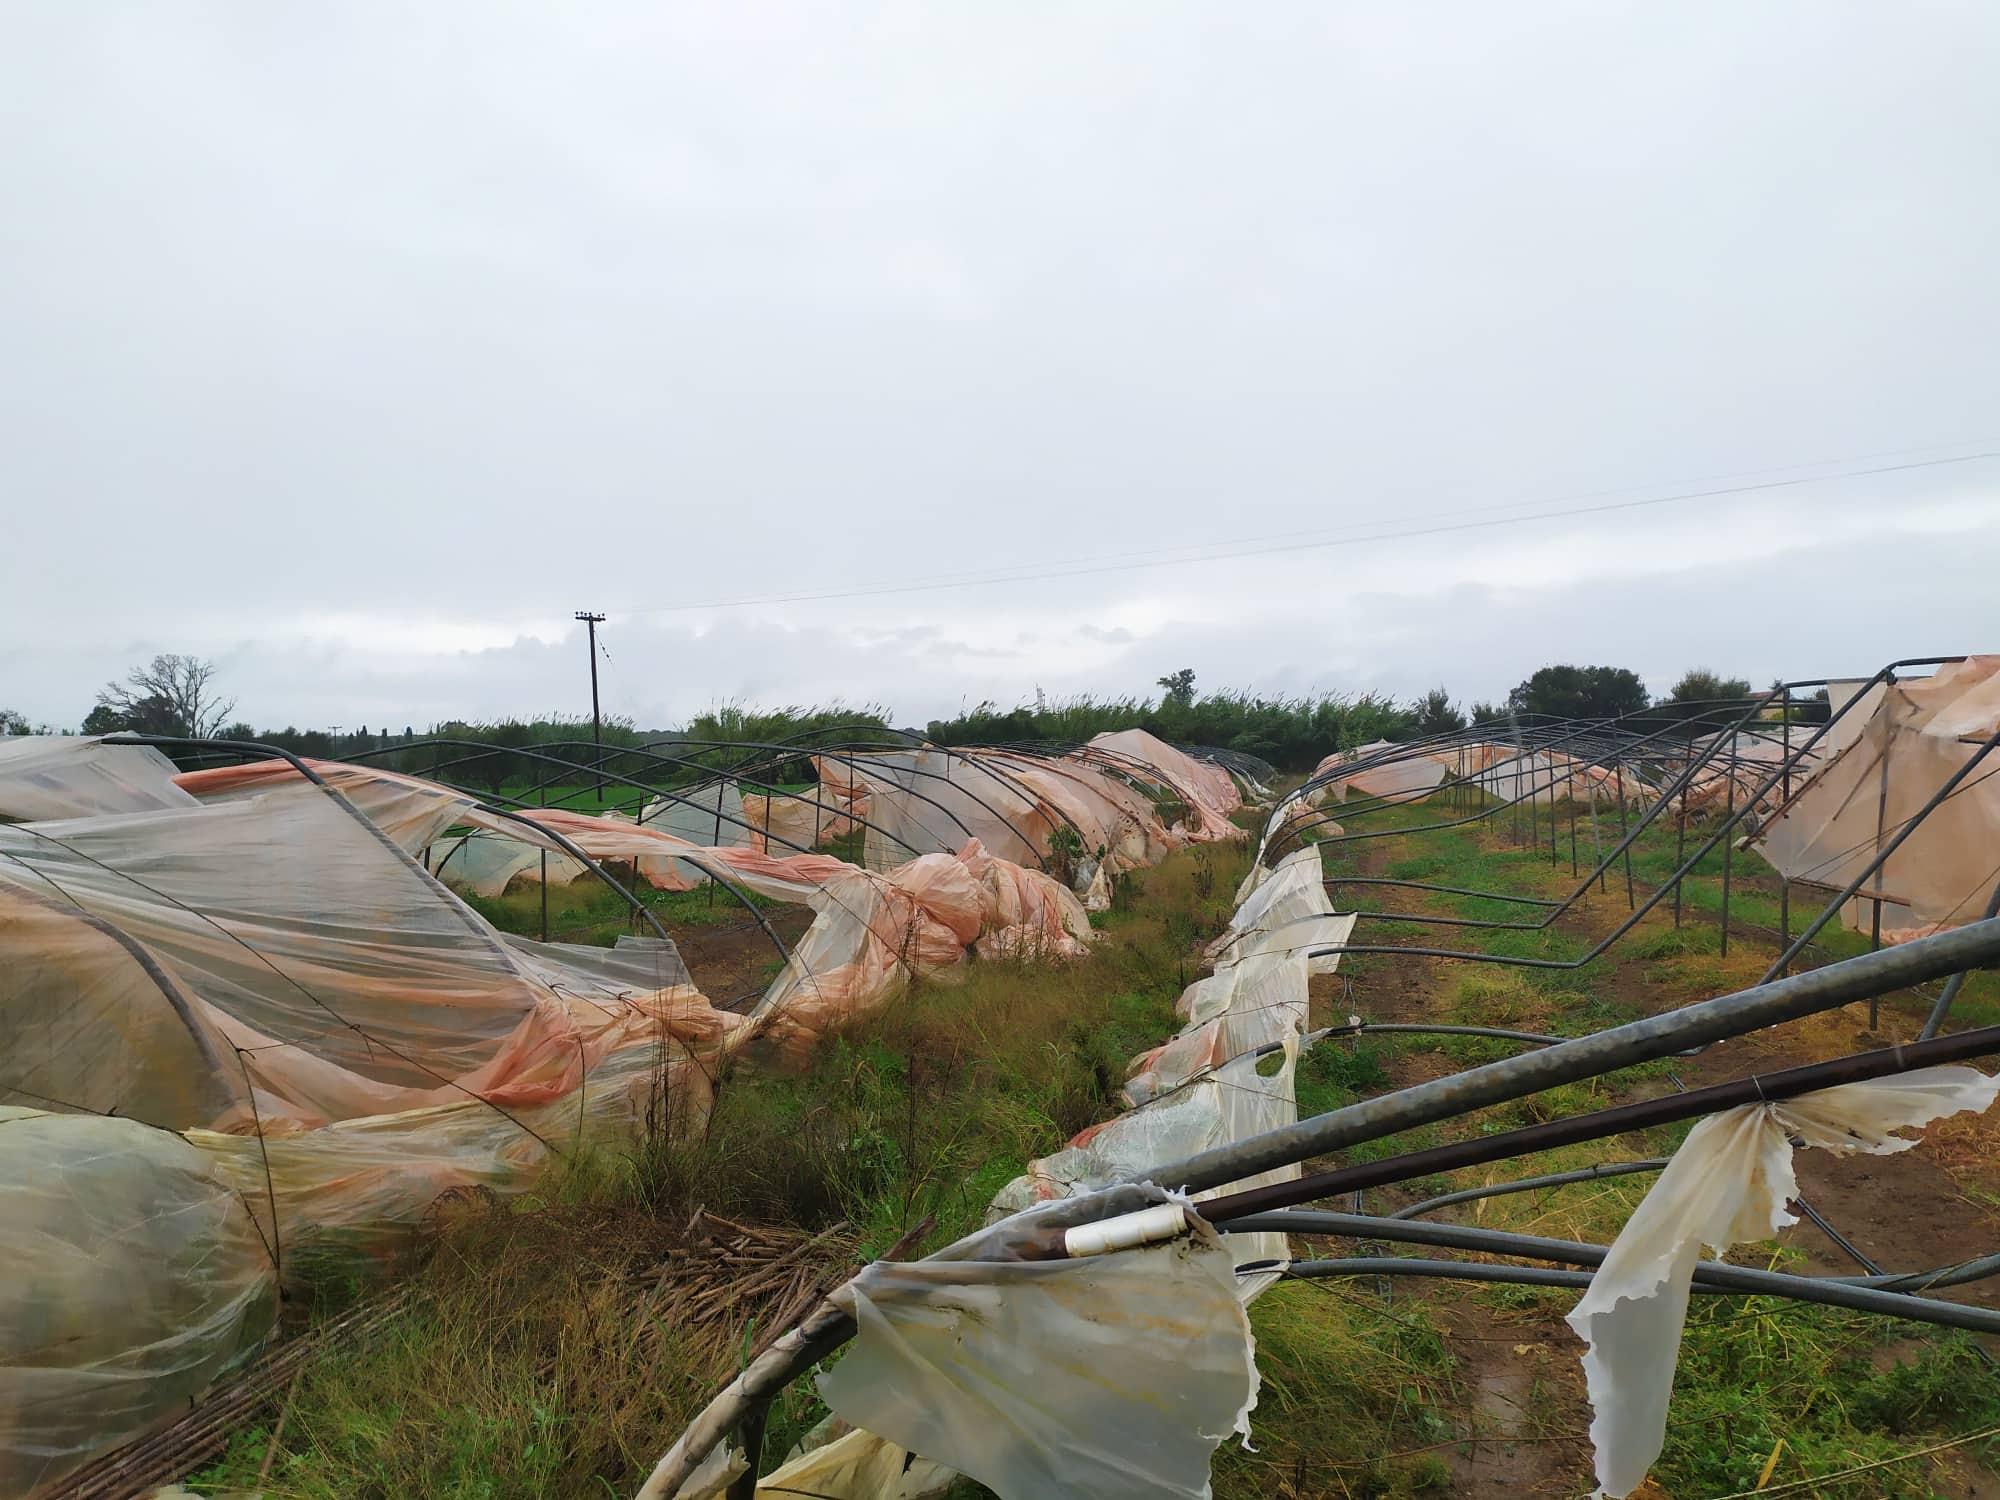 Μεγάλες ζημιές σε θερμοκήπια του Νεοχωρίου του δήμου Ανδραβίδας –Κυλλήνης από ανεμοστρόβιλο